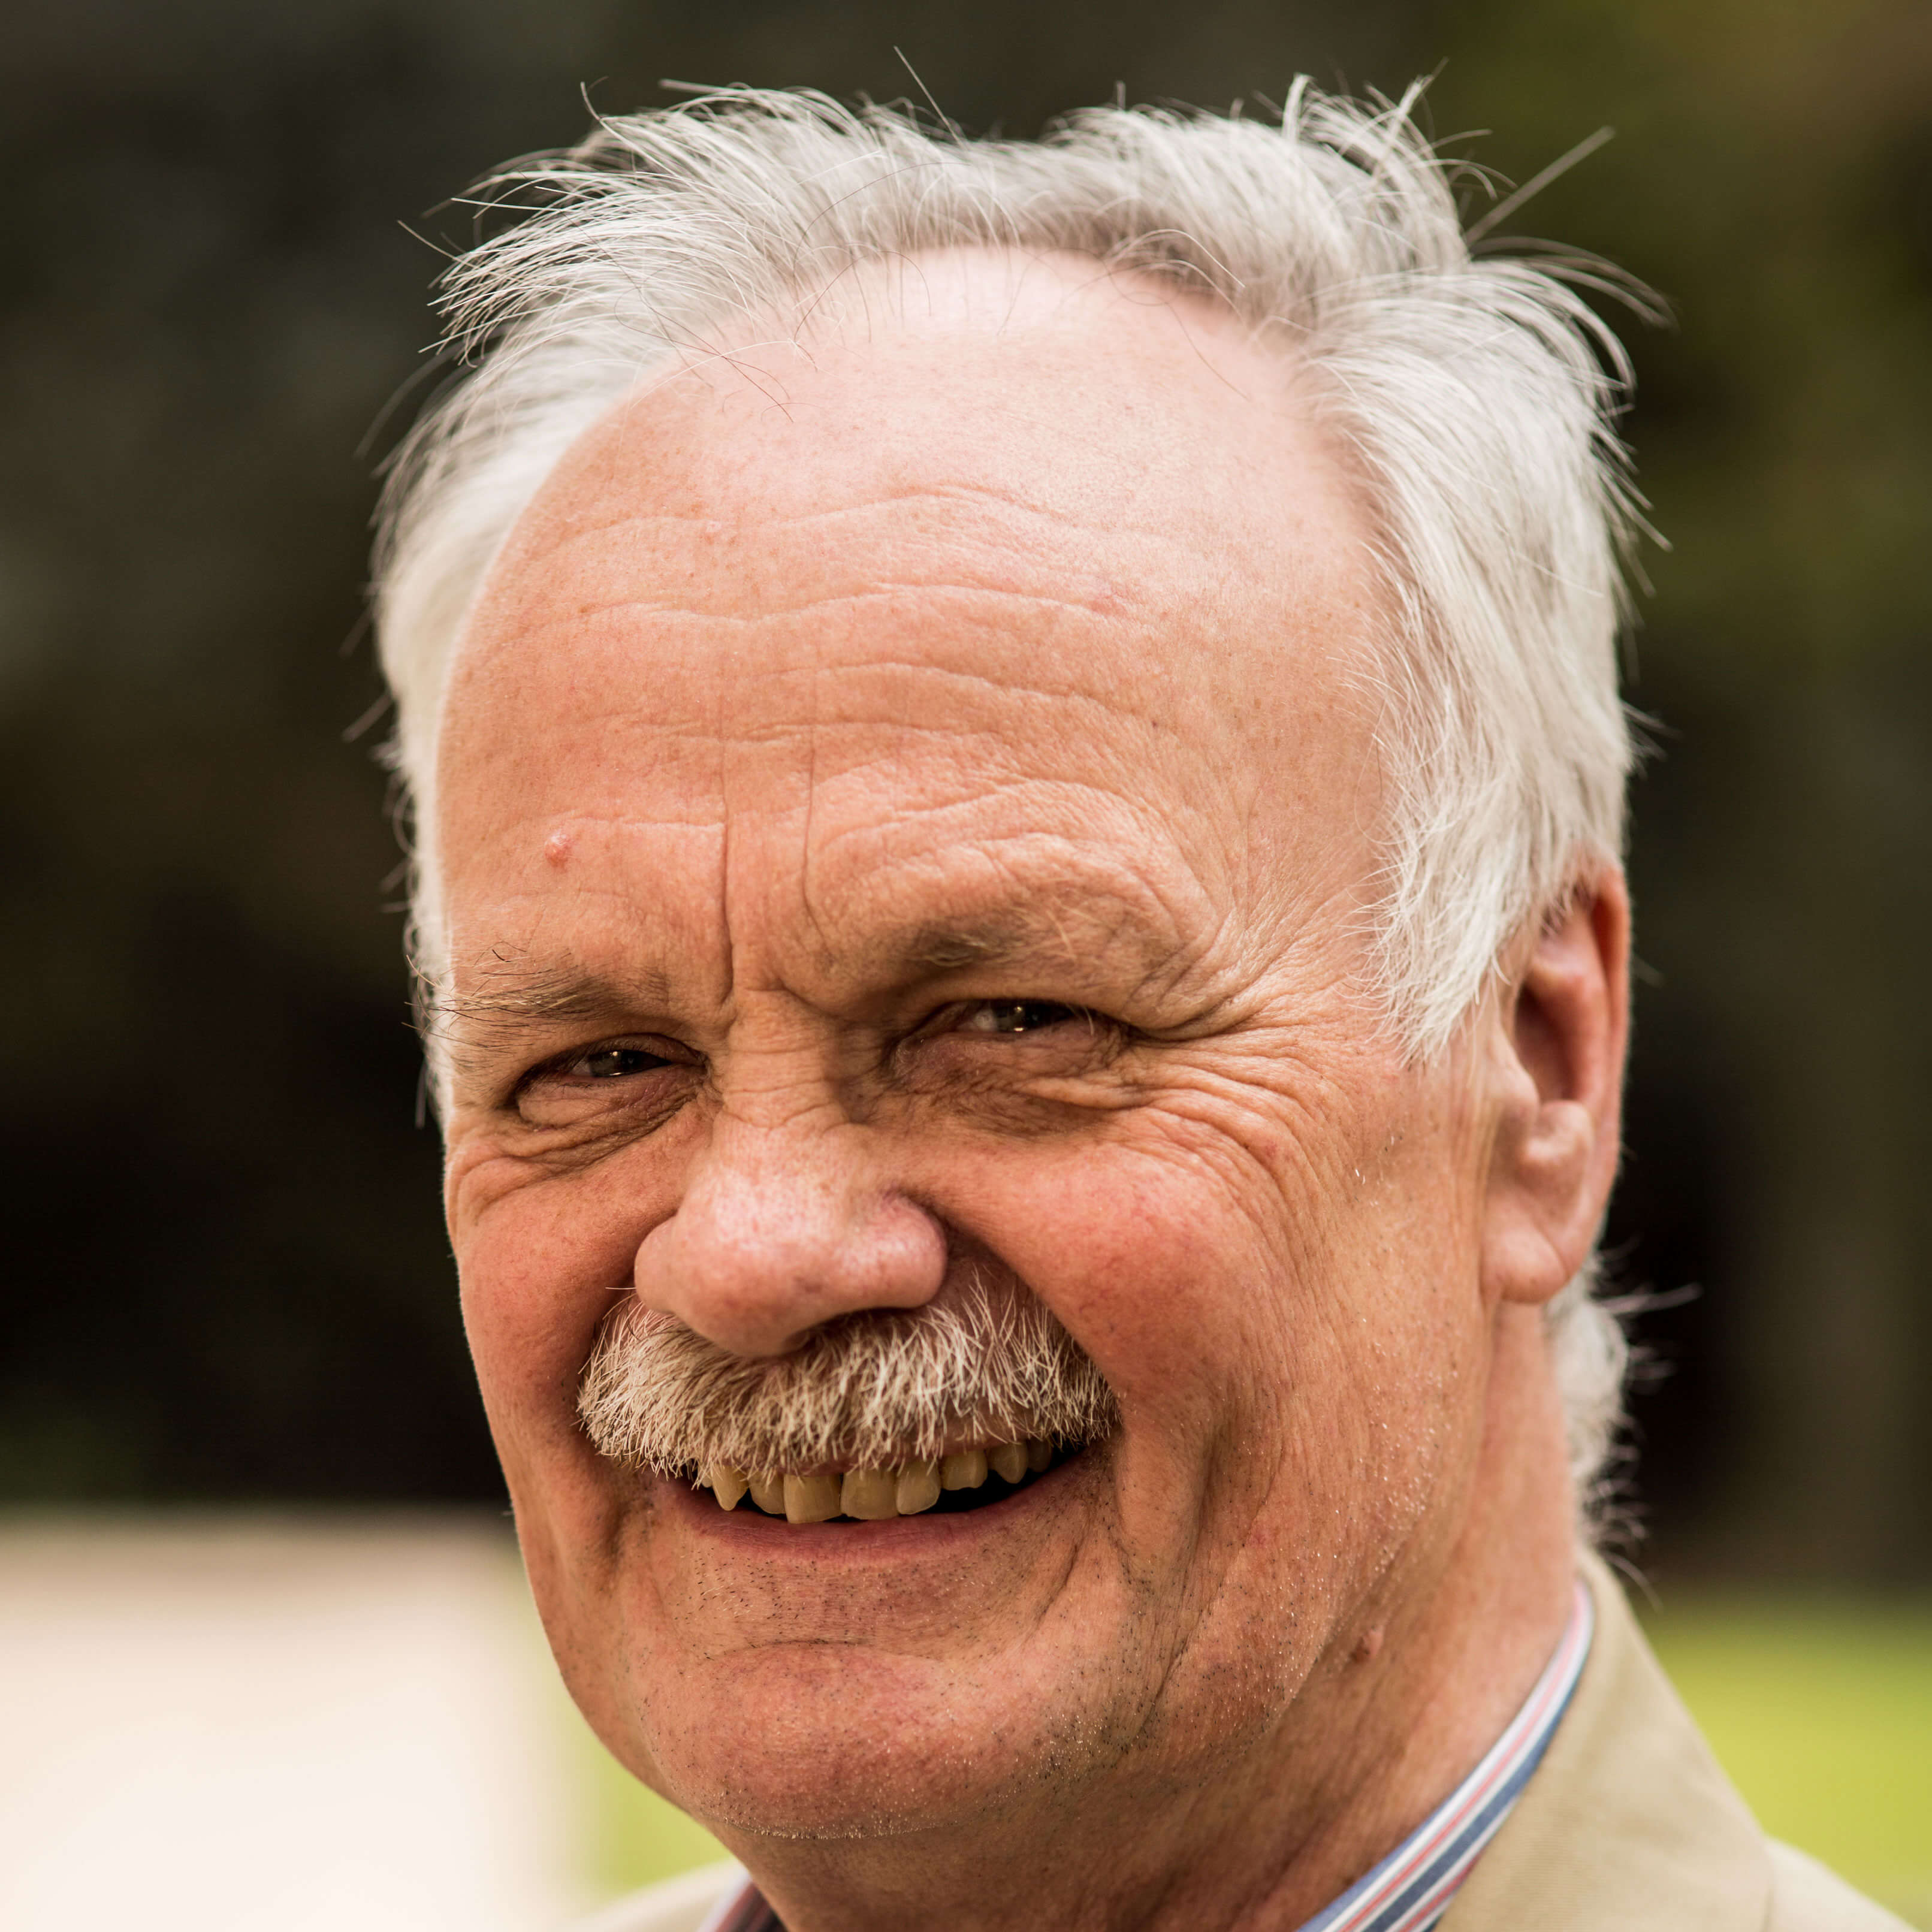 Professor Martin Mortimer